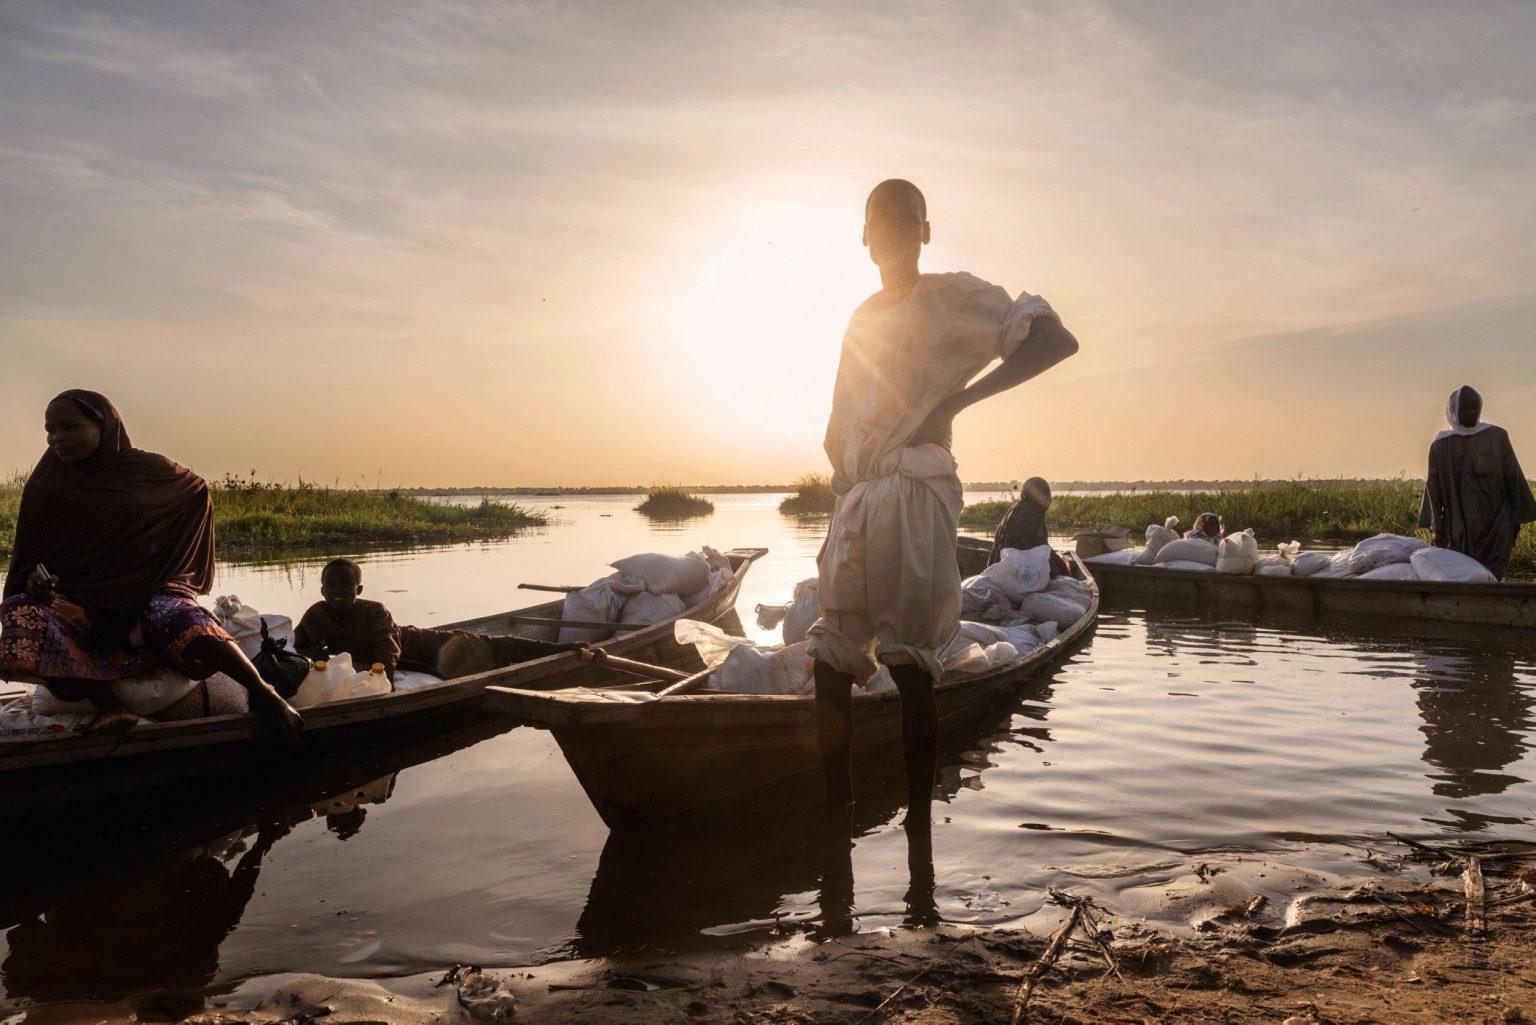 Africa, Chad, Bol, October 2018 - A severe humanitarian crisis is underway in the Lake Chad basin. Over two million refugees, as well as five million people are at risk of food insecurity and 500,000 children are suffering from acute malnutrition. Lake Chad is shrincking rapidly, due to desertification that is threatening the very existence of the people who live on its banks and the ecosystem of its waters. Chad was once the fourth largest lake in Africa. However, since the 1950s its surface has shrunk by 90%. >< Africa, Ciad, Bol, Ottobre 2018 - Una grave crisi umanitaria si sta abbattendo sul Lago Ciad. Oltre due milioni di rifugiati e cinque milioni di persone sono minacciati dall?insicurezza alimentare; 50,000 bambini soffrono di malnutrizione acuta. Il Lago Ciad si sta restringendo rapidamente per via della desertificazione che sta mettendo in pericolo l'esistenza stessa delle persone che vivono sulle sue sponde e l'ecosistema delle sue acque. Ciad era un tempo uno dei quattro laghi più grandi in Africa. Tuttavia, dal 1950 la superficie si è ridotta del 50%.*** SPECIAL   FEE   APPLIES *** *** Local Caption *** 01362887